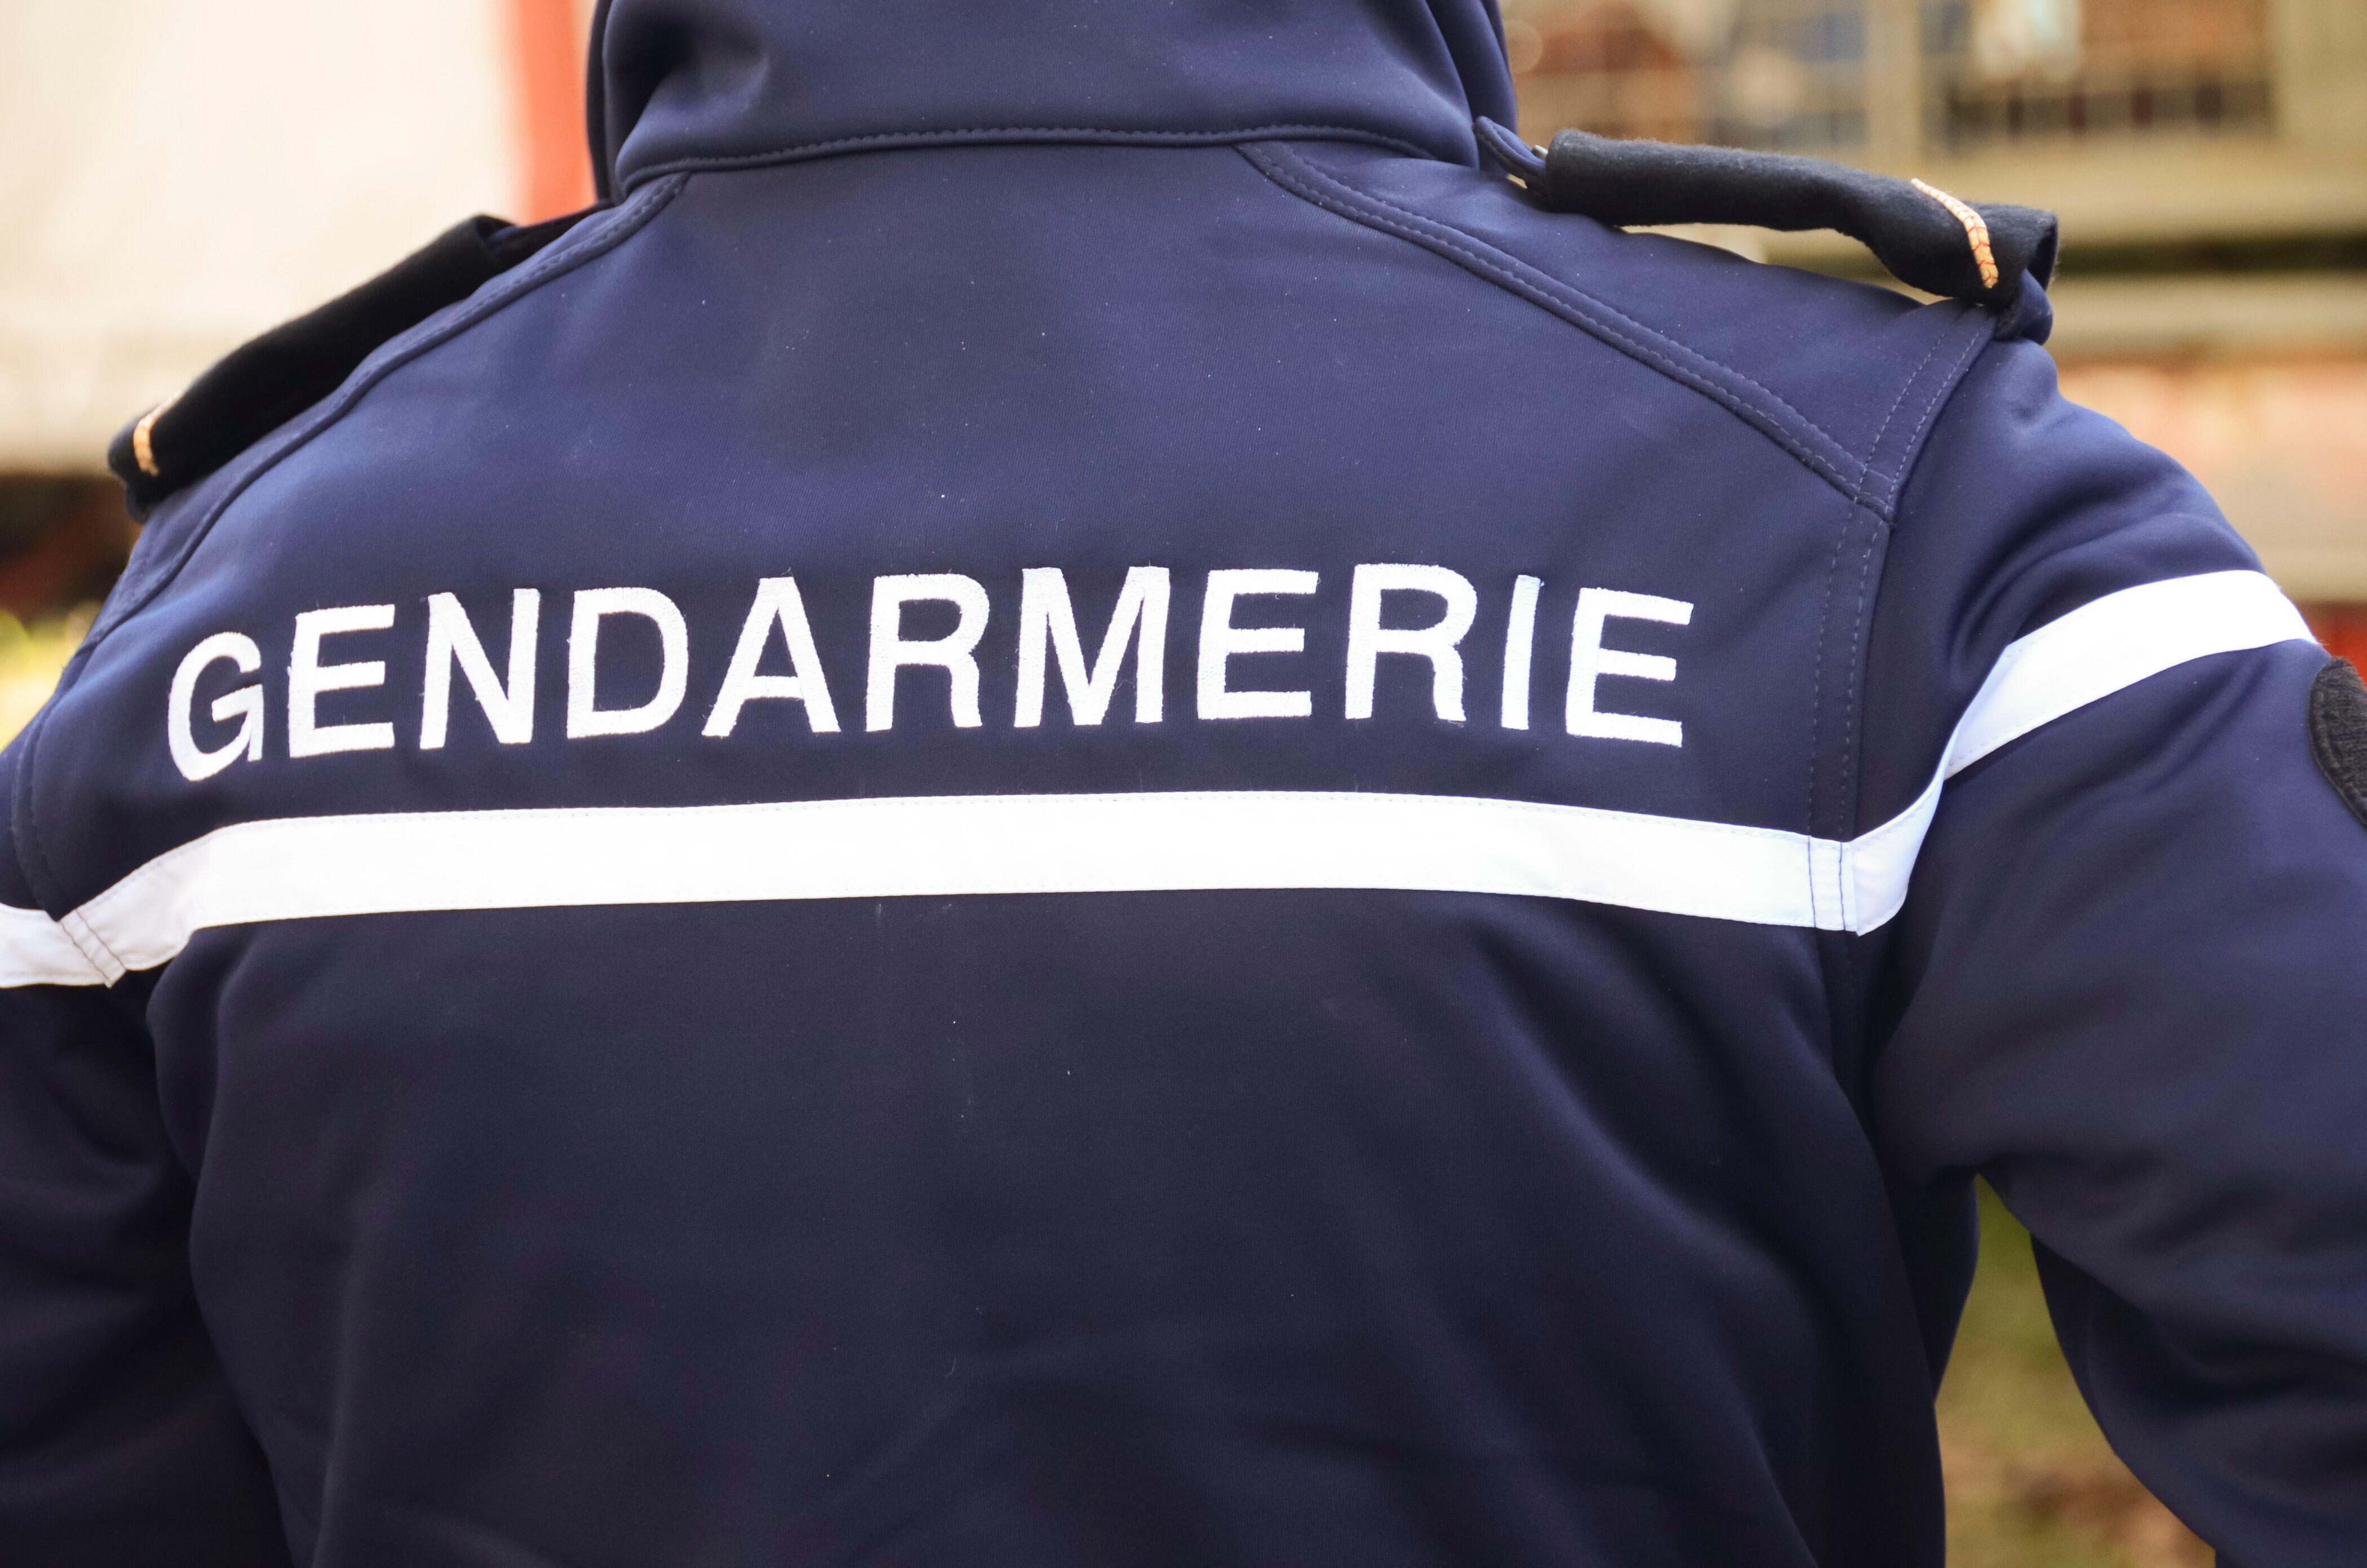 À Gréolières, dans le Var, une vaste opération pour retrouver le suspect d'un